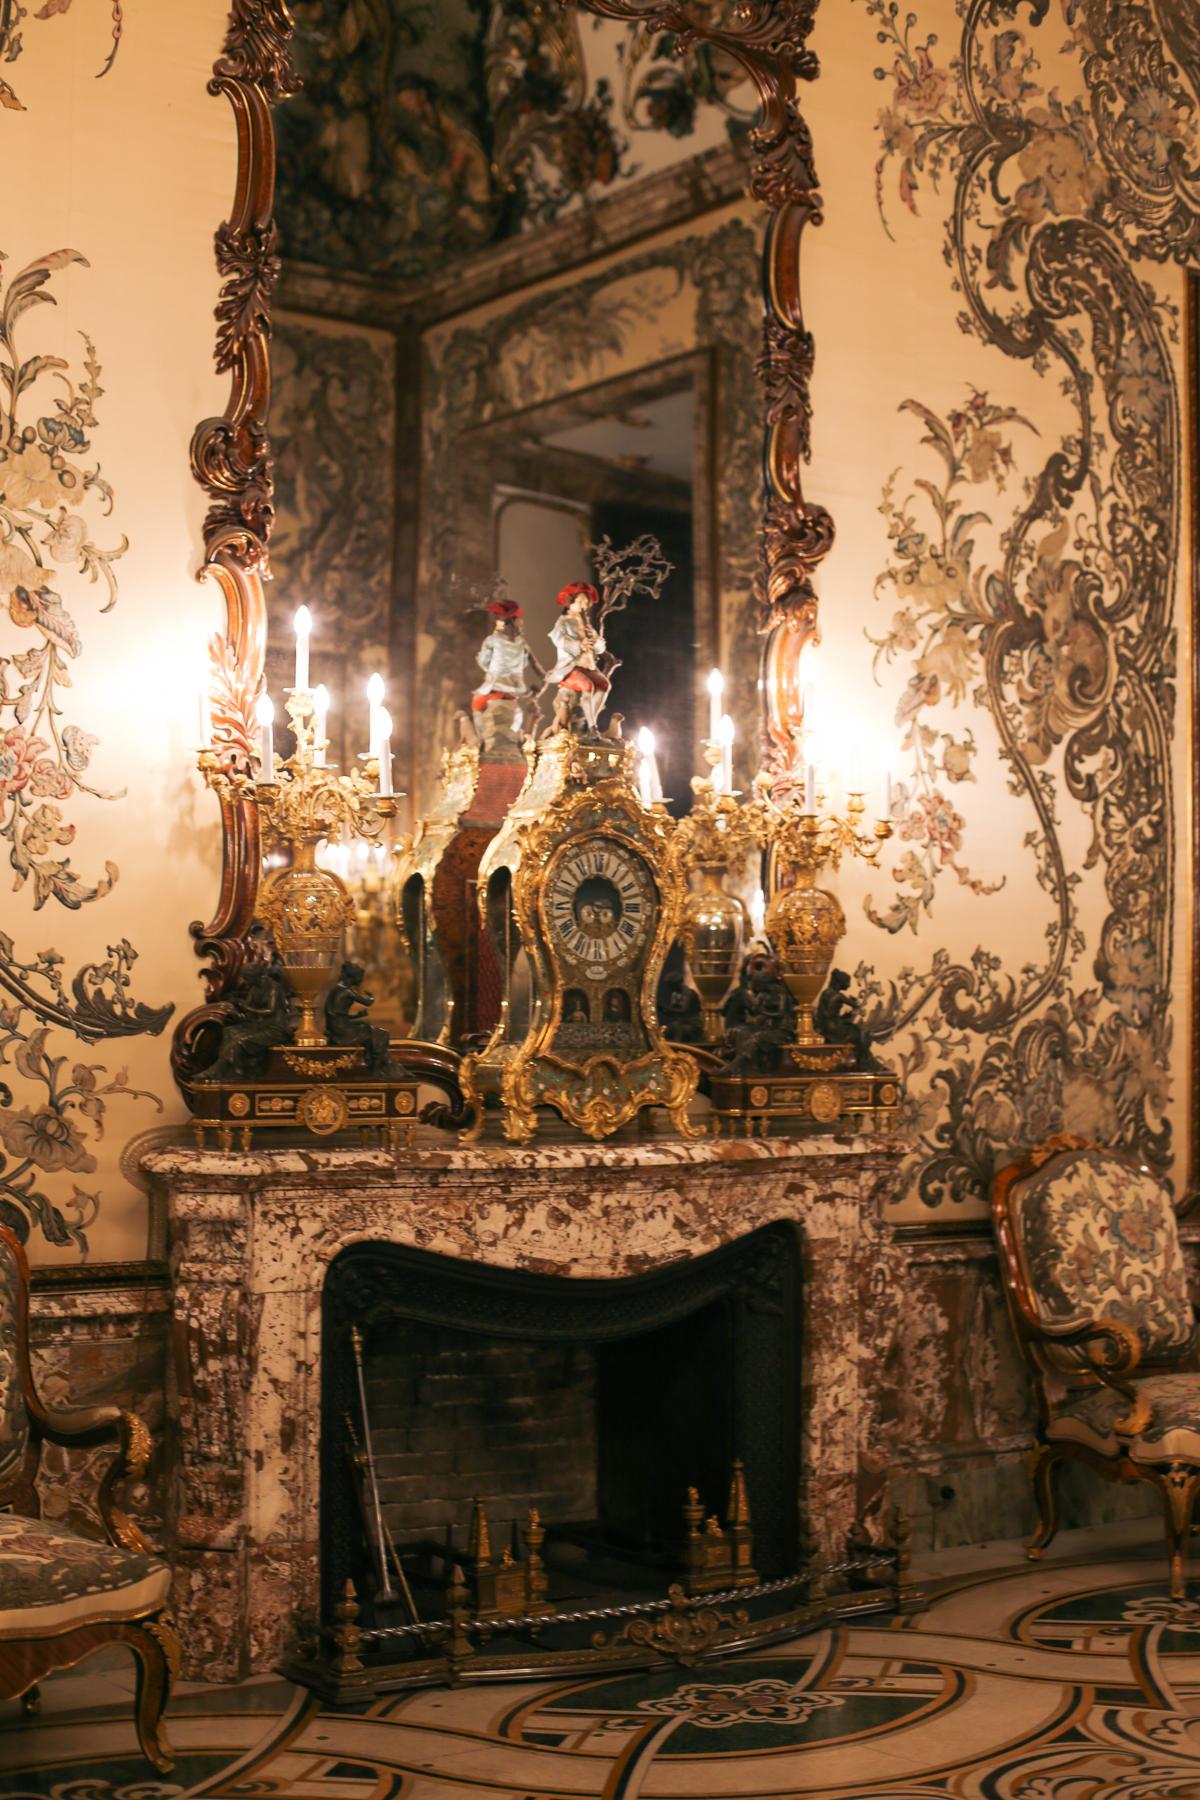 madrid palace gasperini room clock